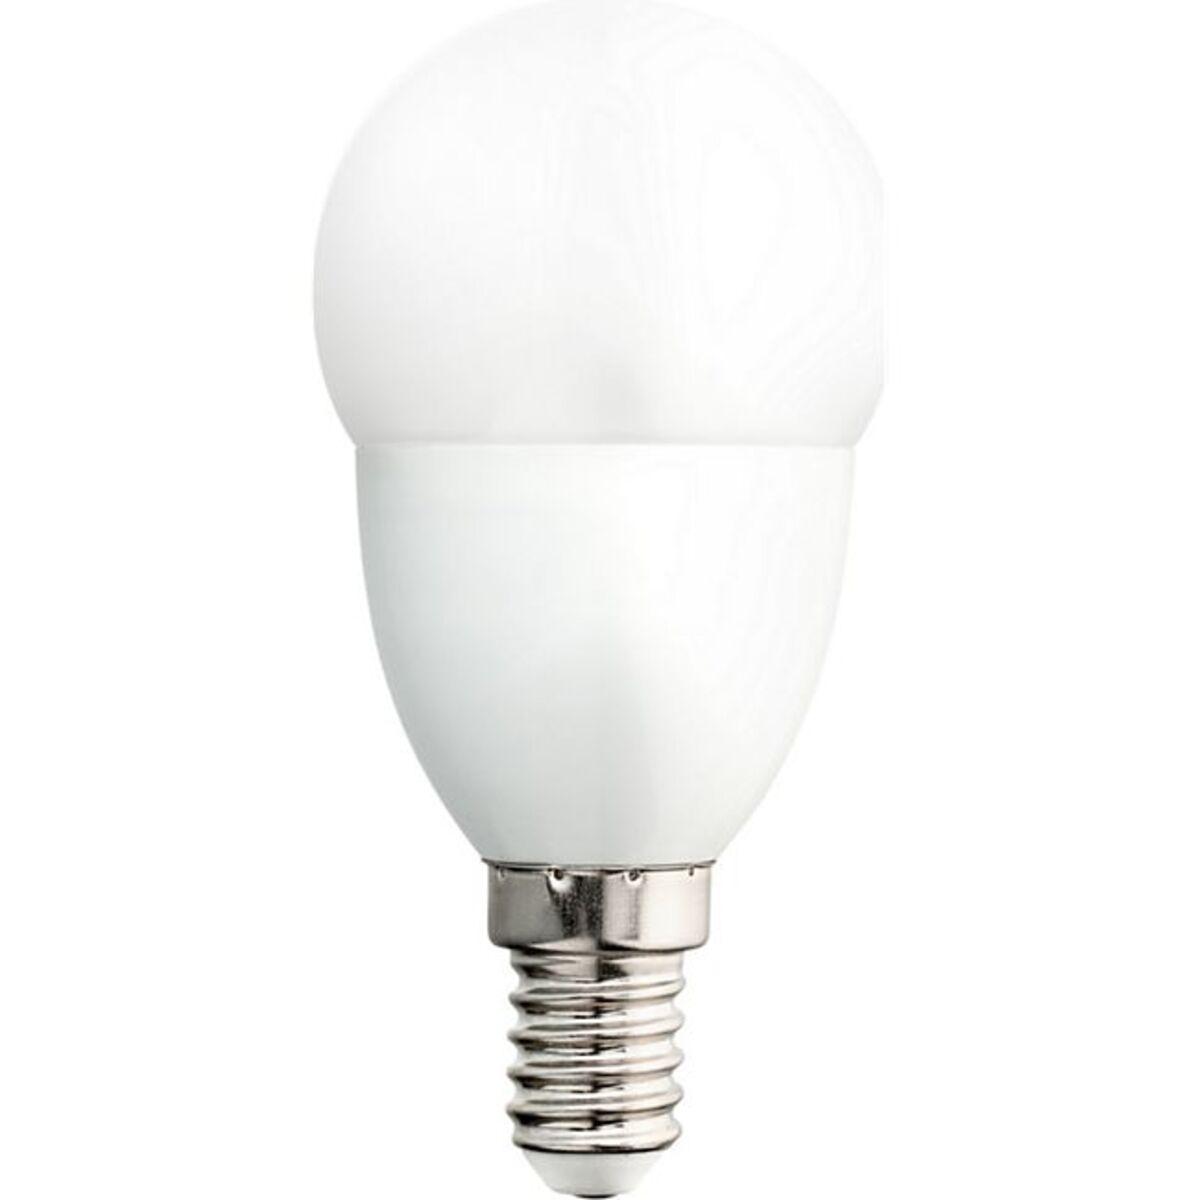 Bild 1 von LED-Leuchte 9 Watt